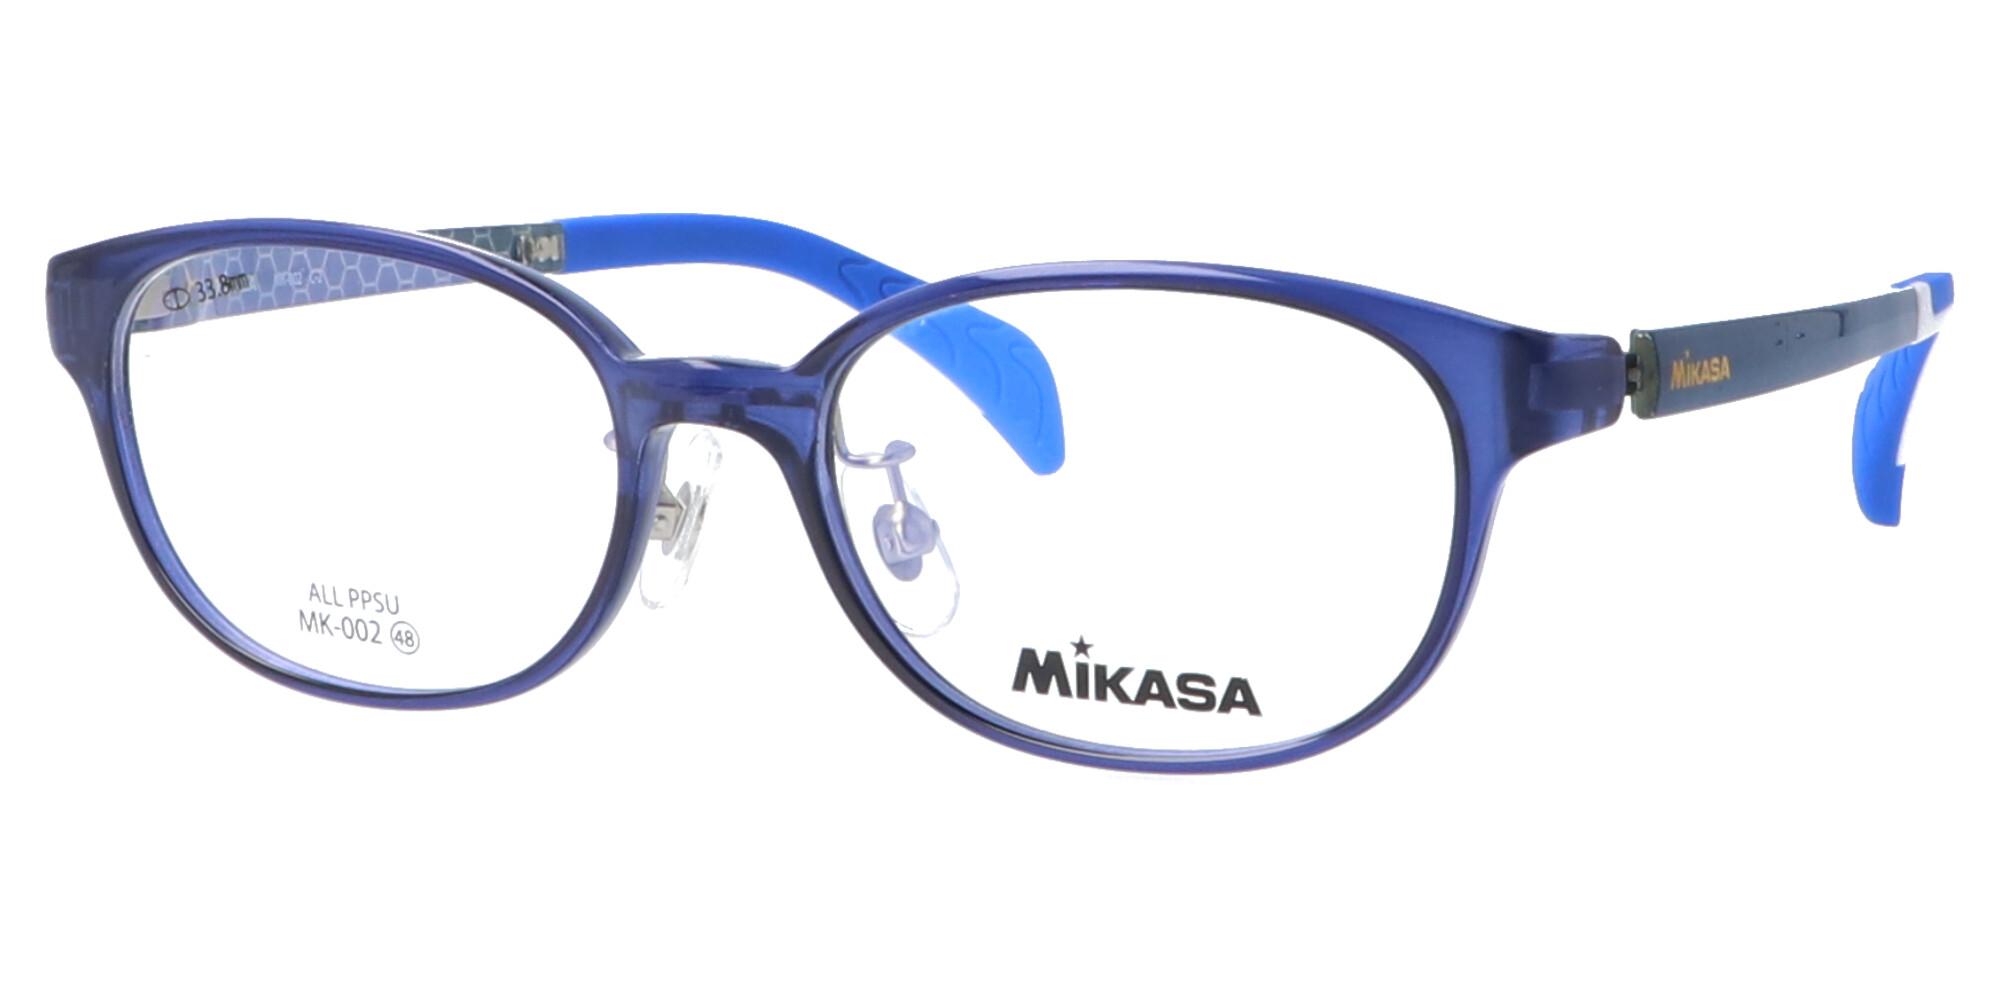 ミカサ MK-002_48_クリアブルー